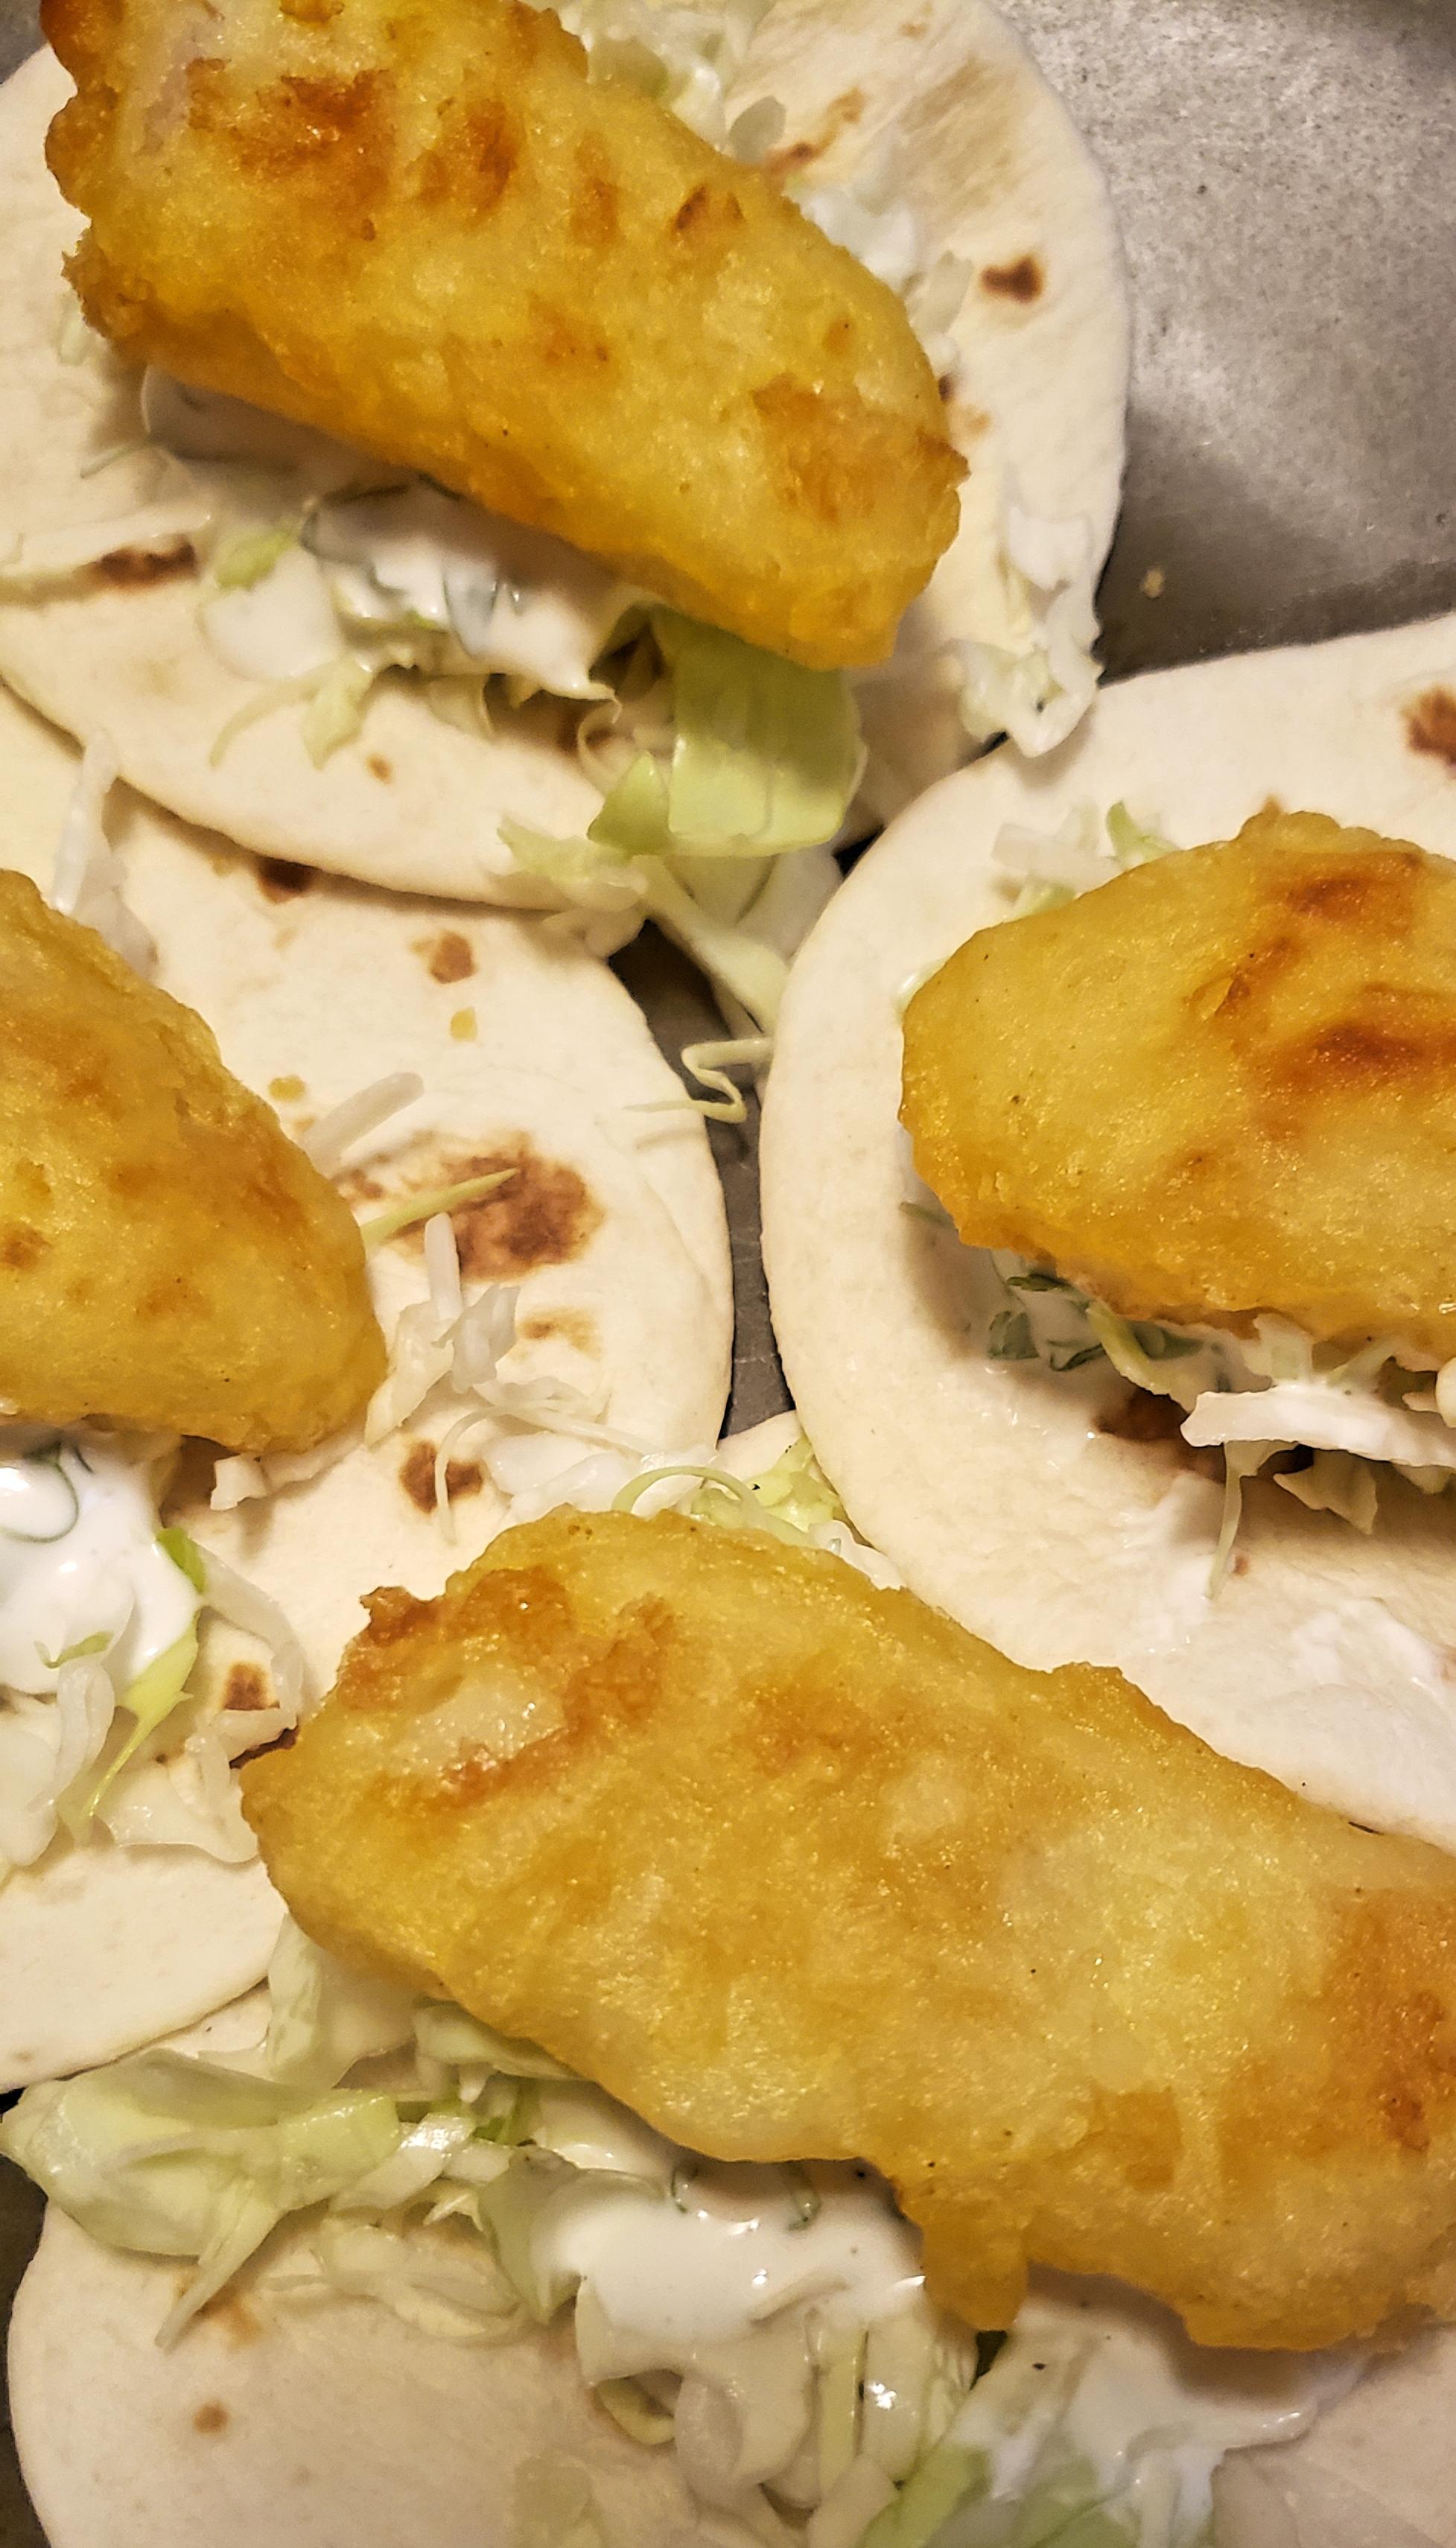 Authentic FinnMex Tacos